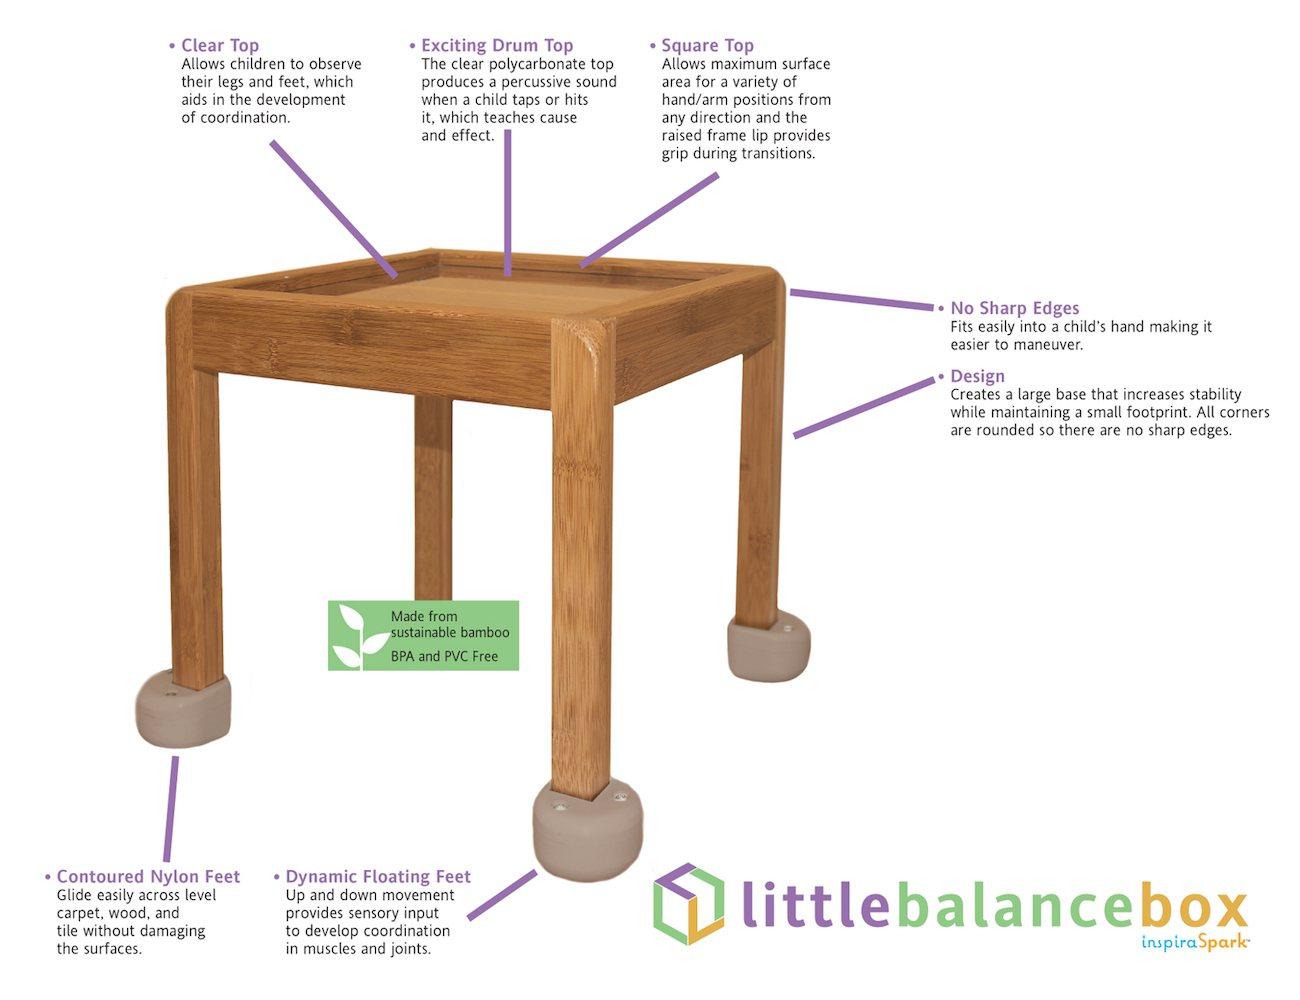 Little Balance Box